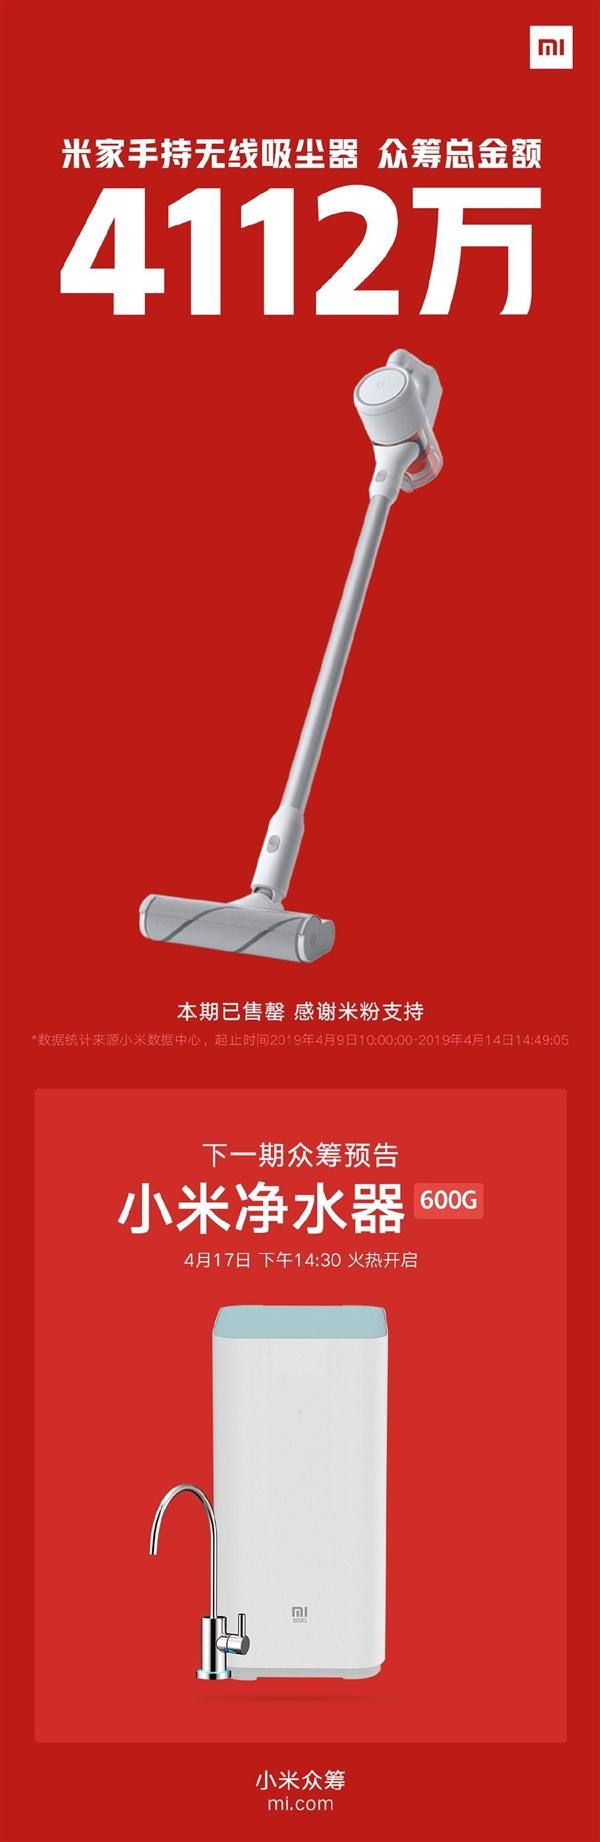 小米米家手持无线吸尘器售罄:众筹金额破4000万